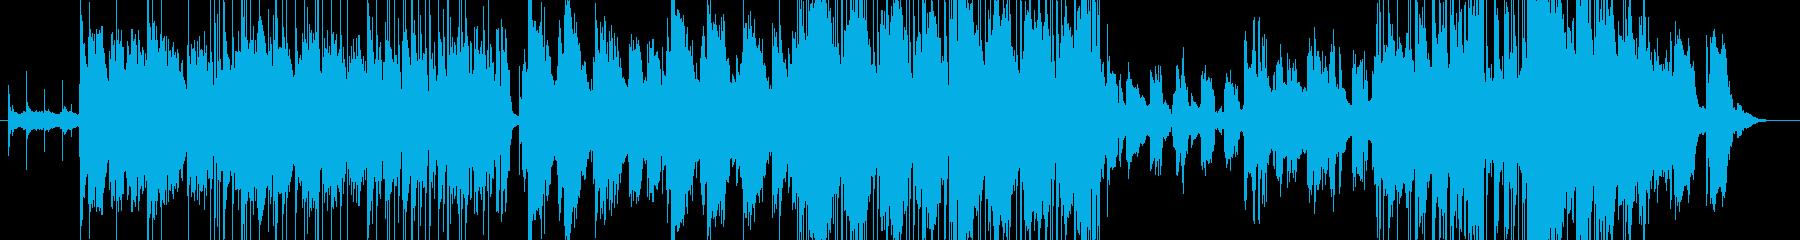 モダンでR&Bな曲の再生済みの波形